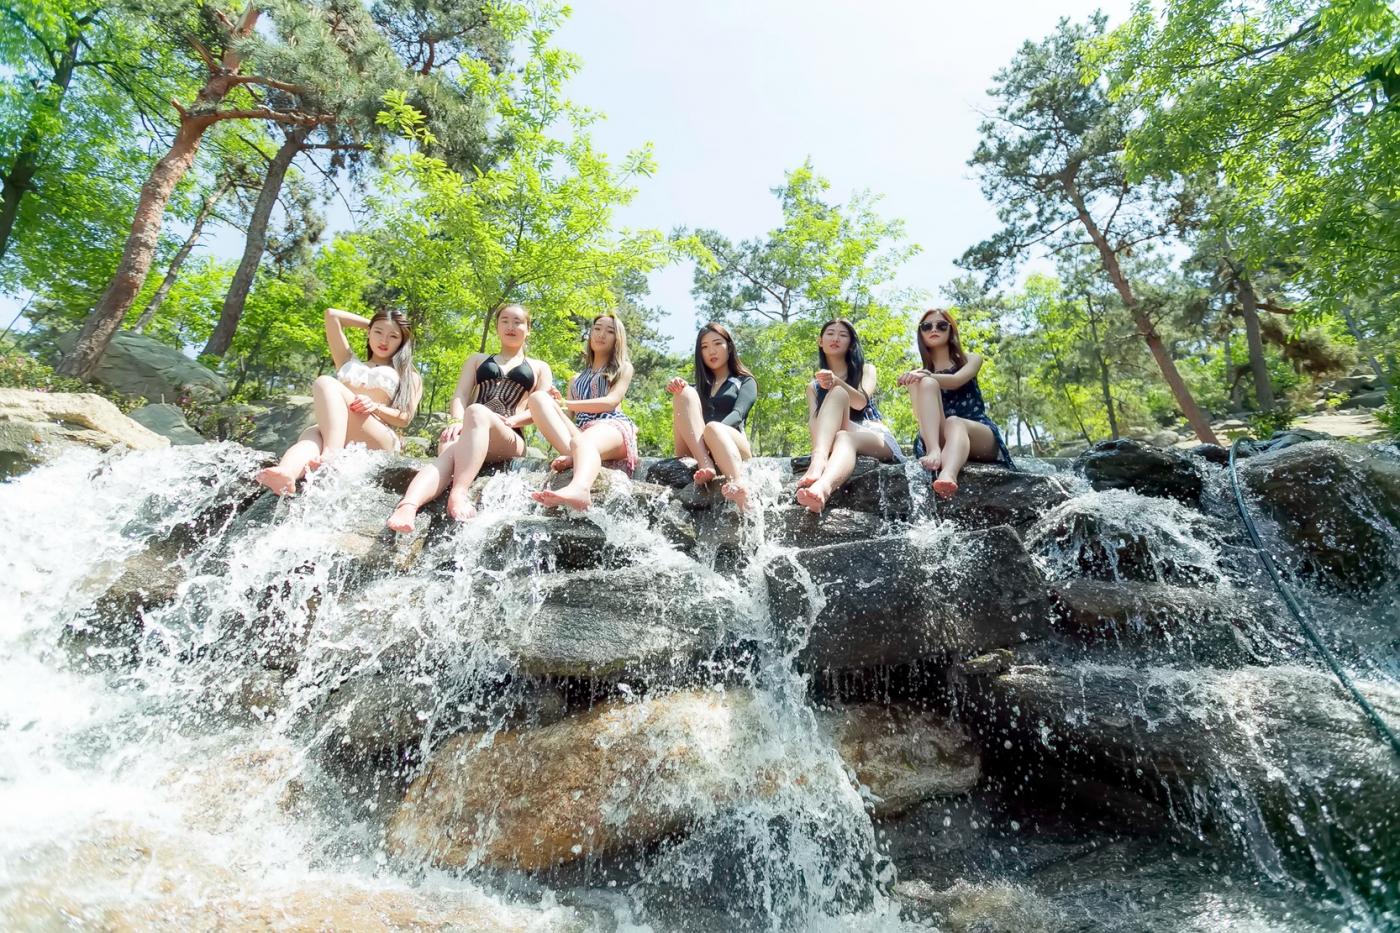 在临沂蒙山康谷温泉 与22位泳装女孩相遇在这里_图1-26